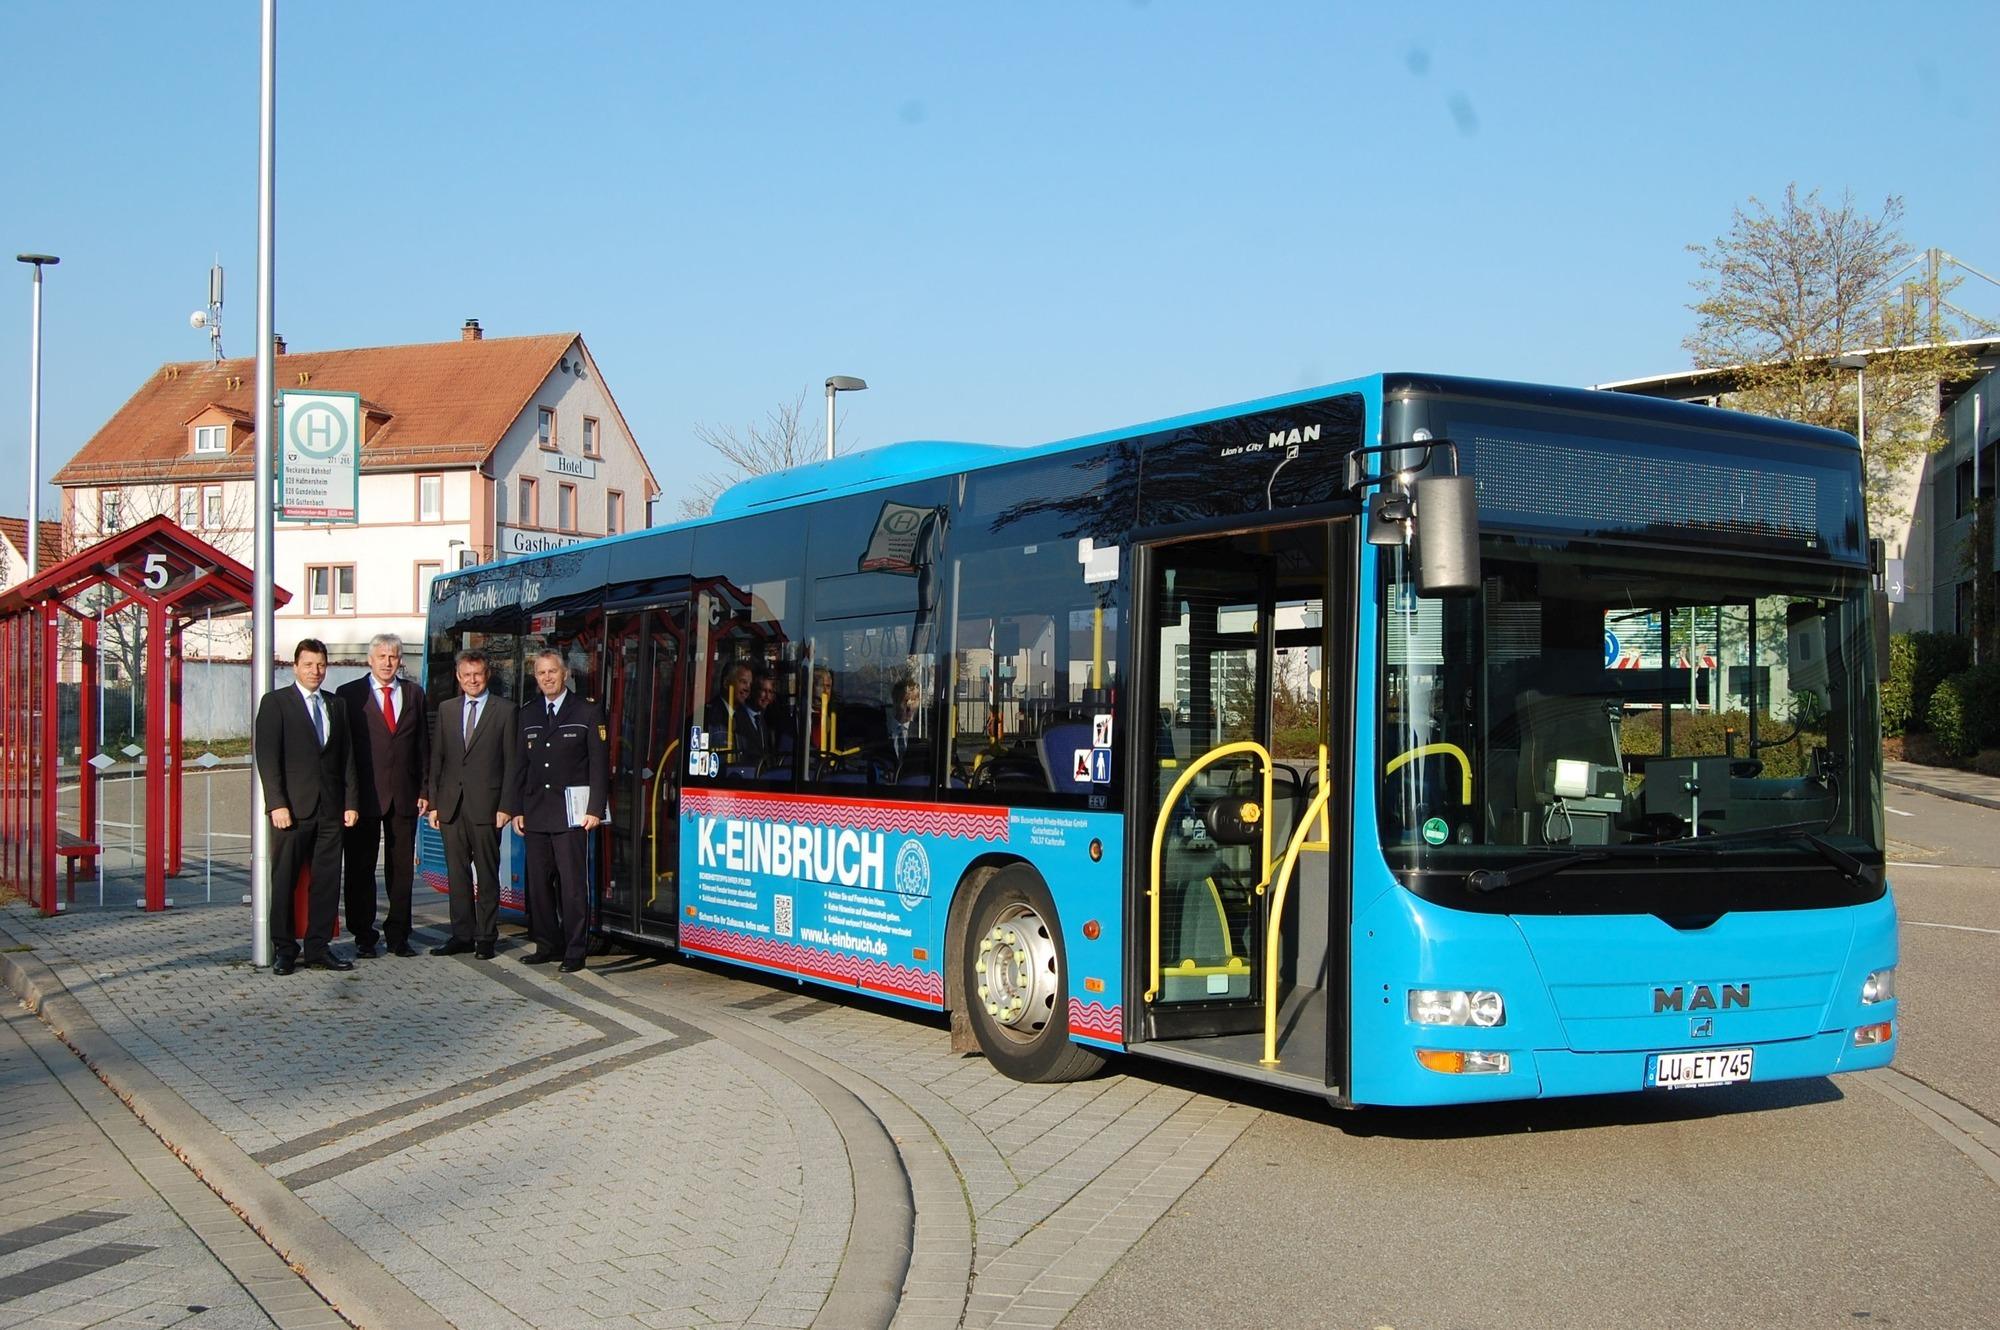 neckar-odenwald-kreis: mit dem linienbus auf k-einbruch-tour